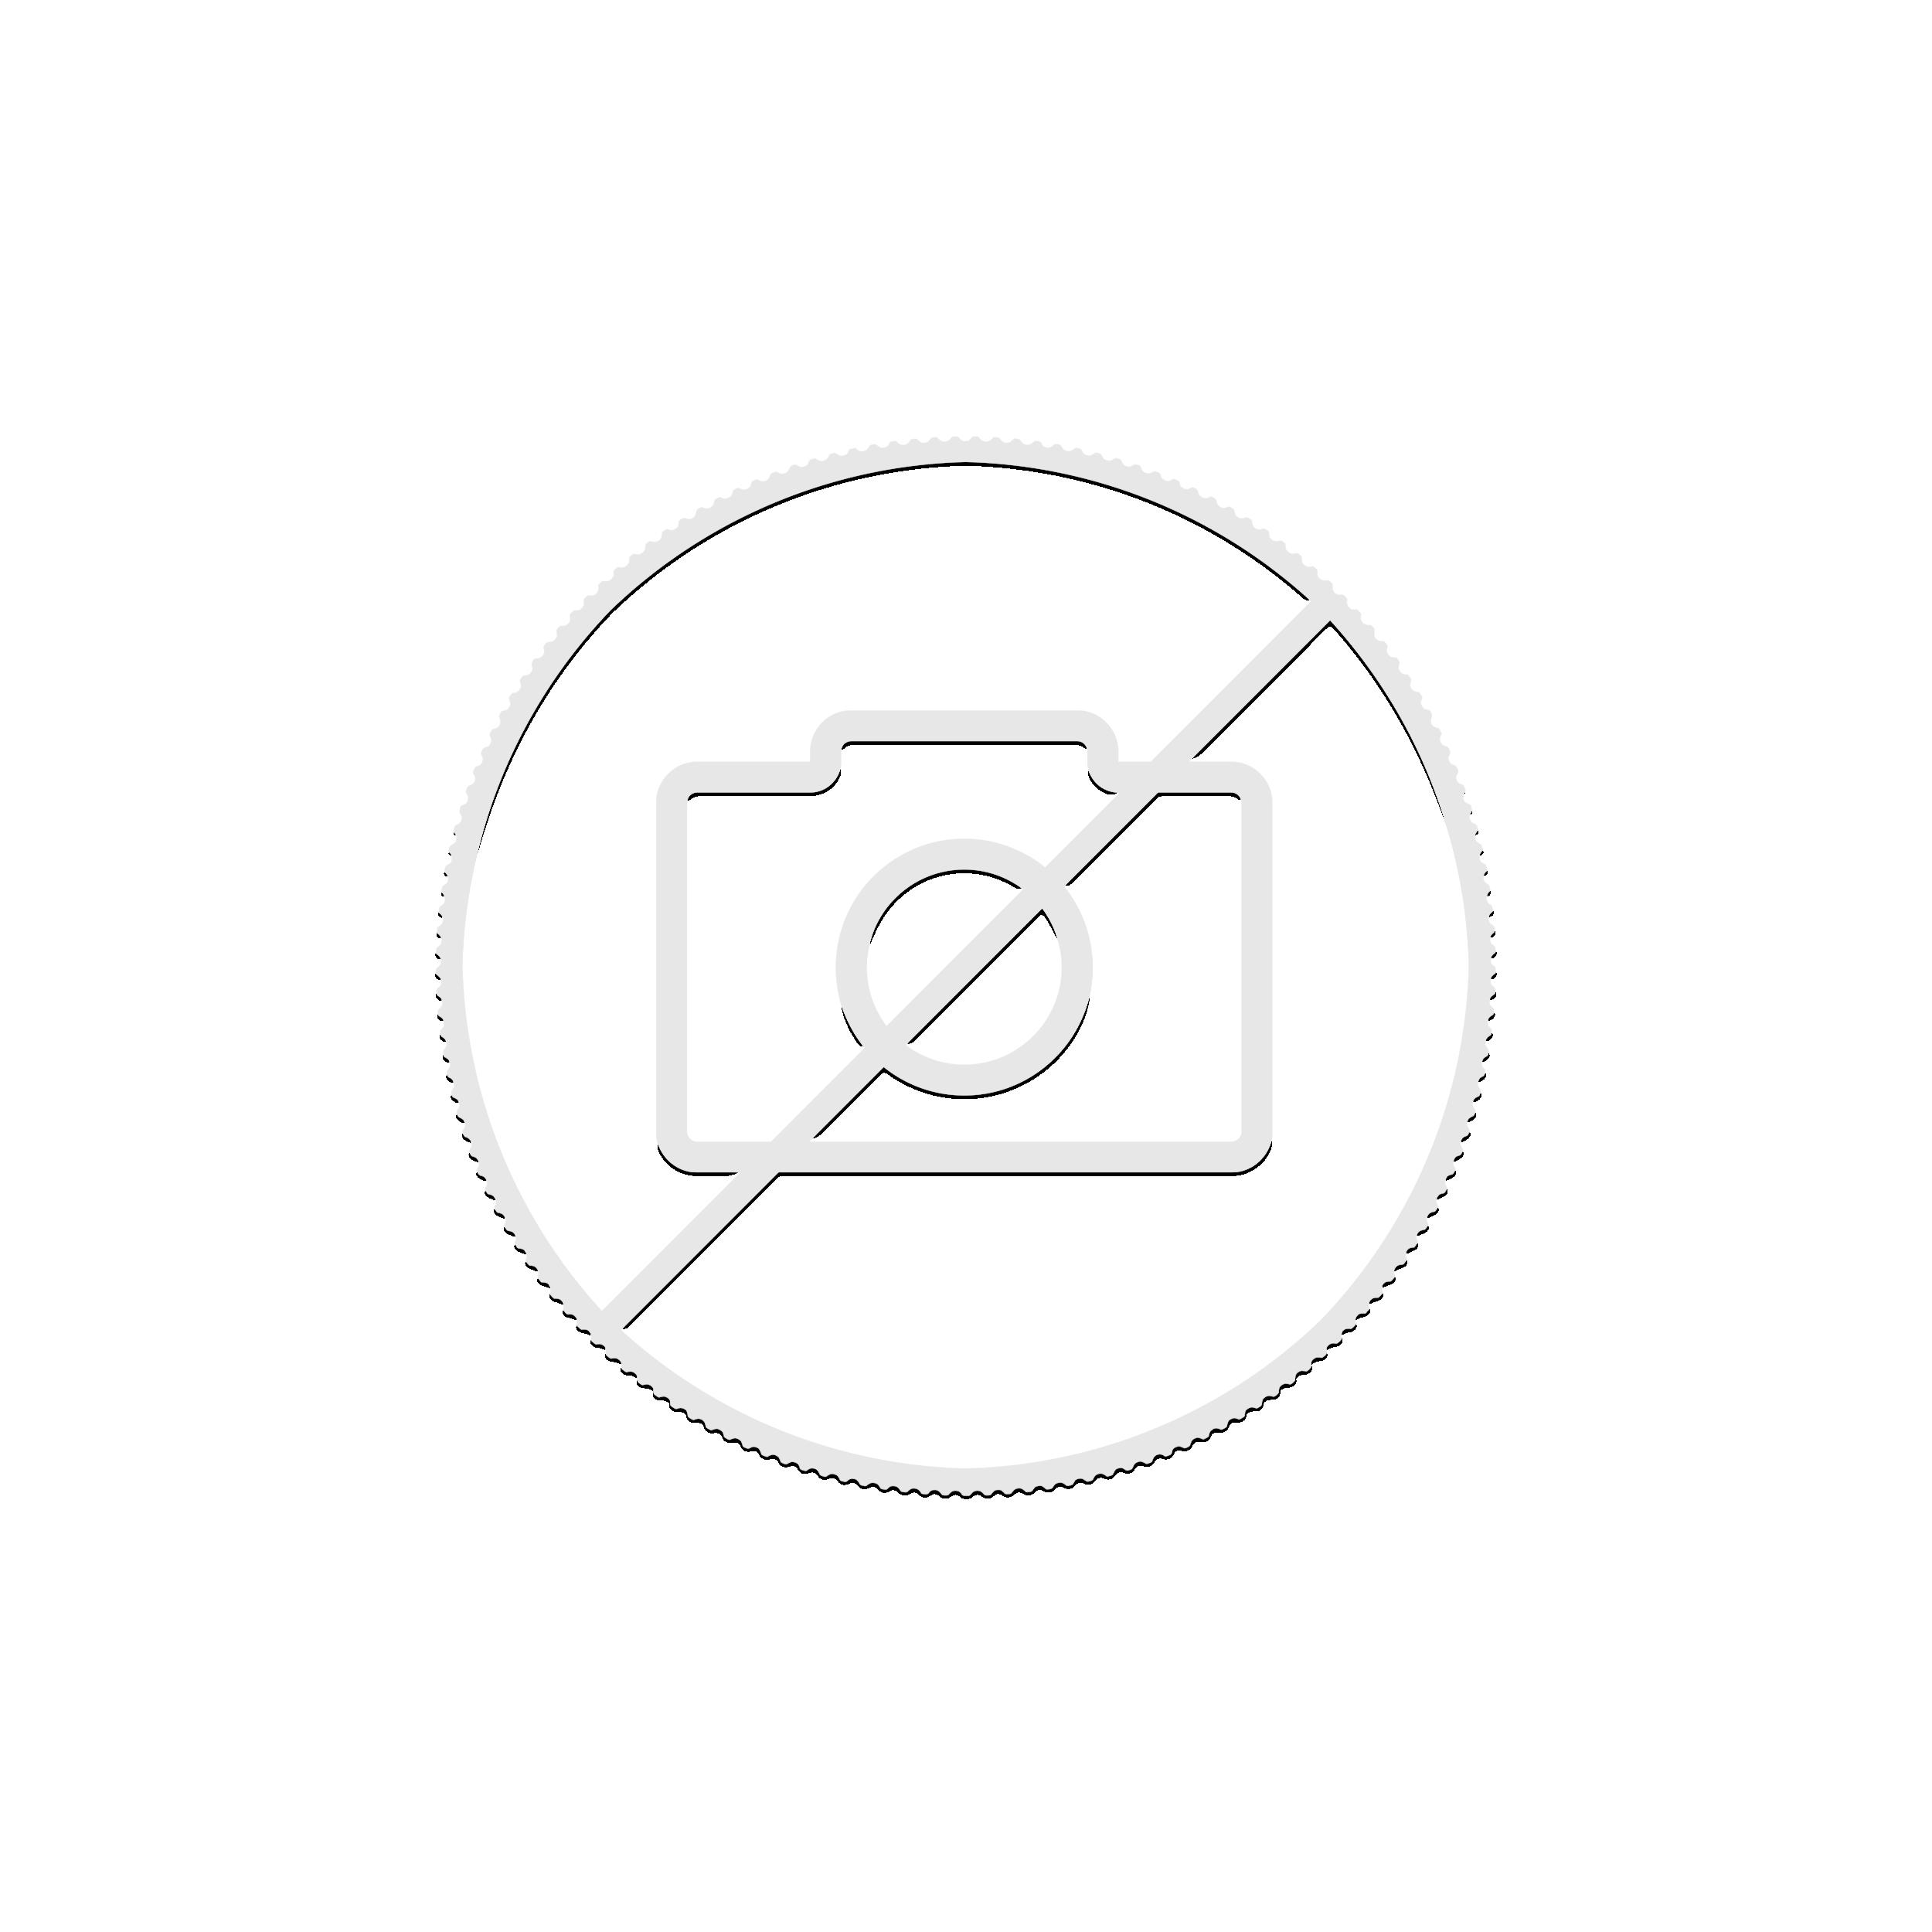 2 troy ounce silver coin honeybee 2021